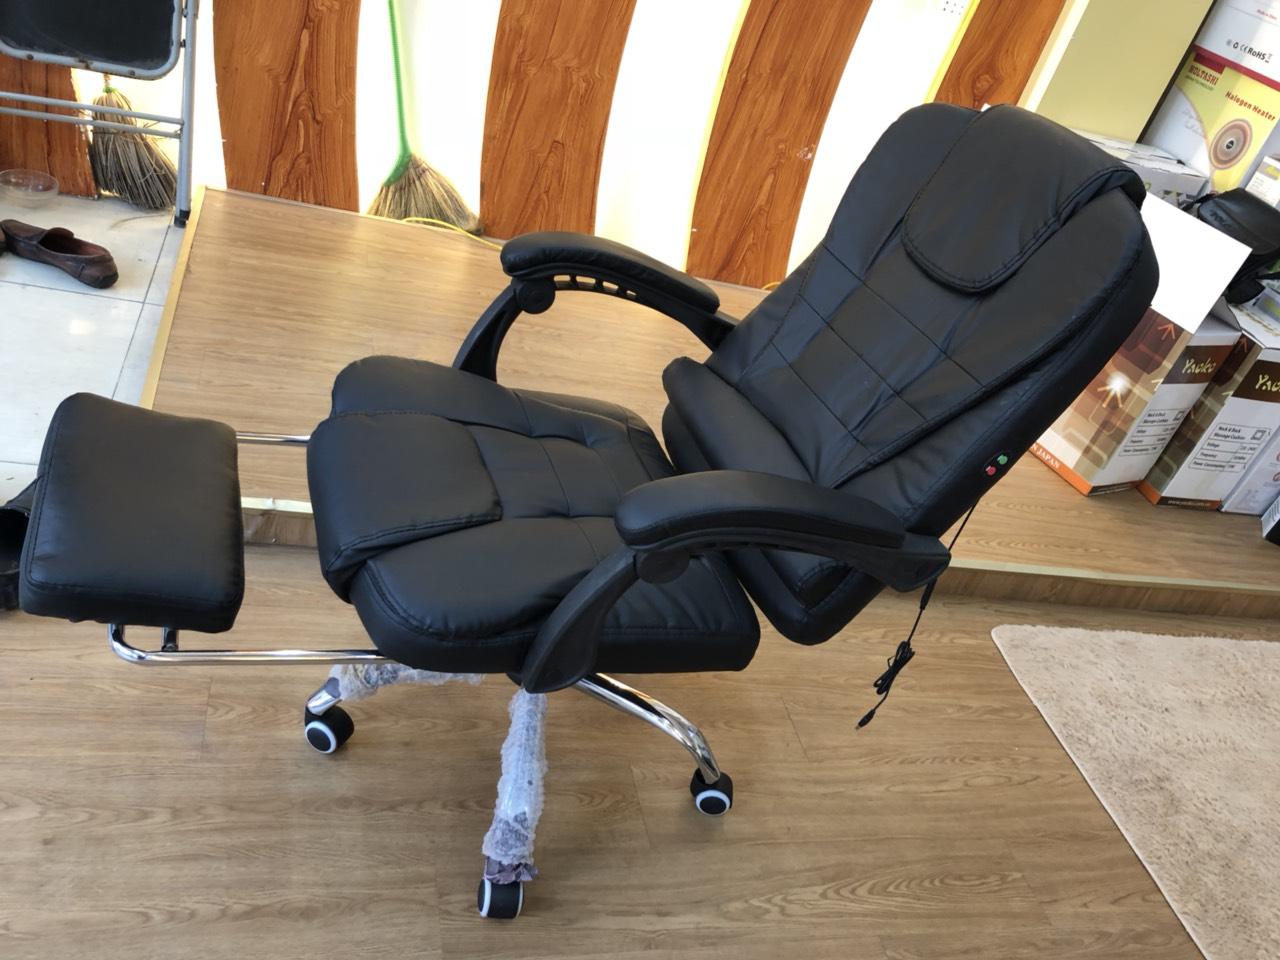 Ghế giám đốc massage toàn thân dùng trong văn phòng, Ghế văn phòng cao cấp giá rẻ